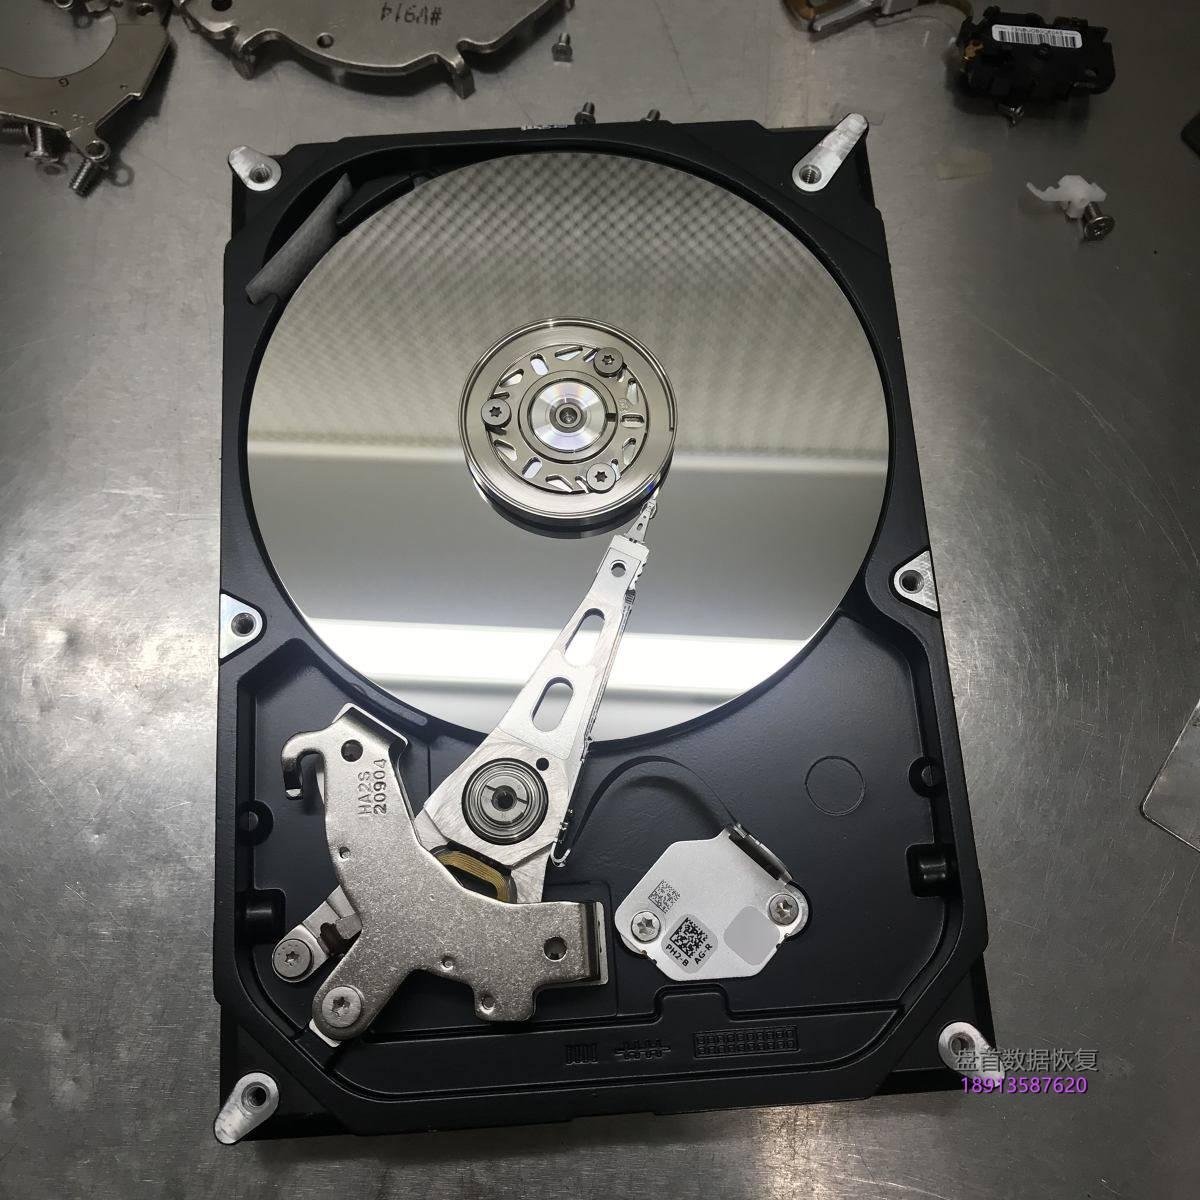 希捷ST500DM002磁头异响损坏敲11声停转,开盘数据恢复成功